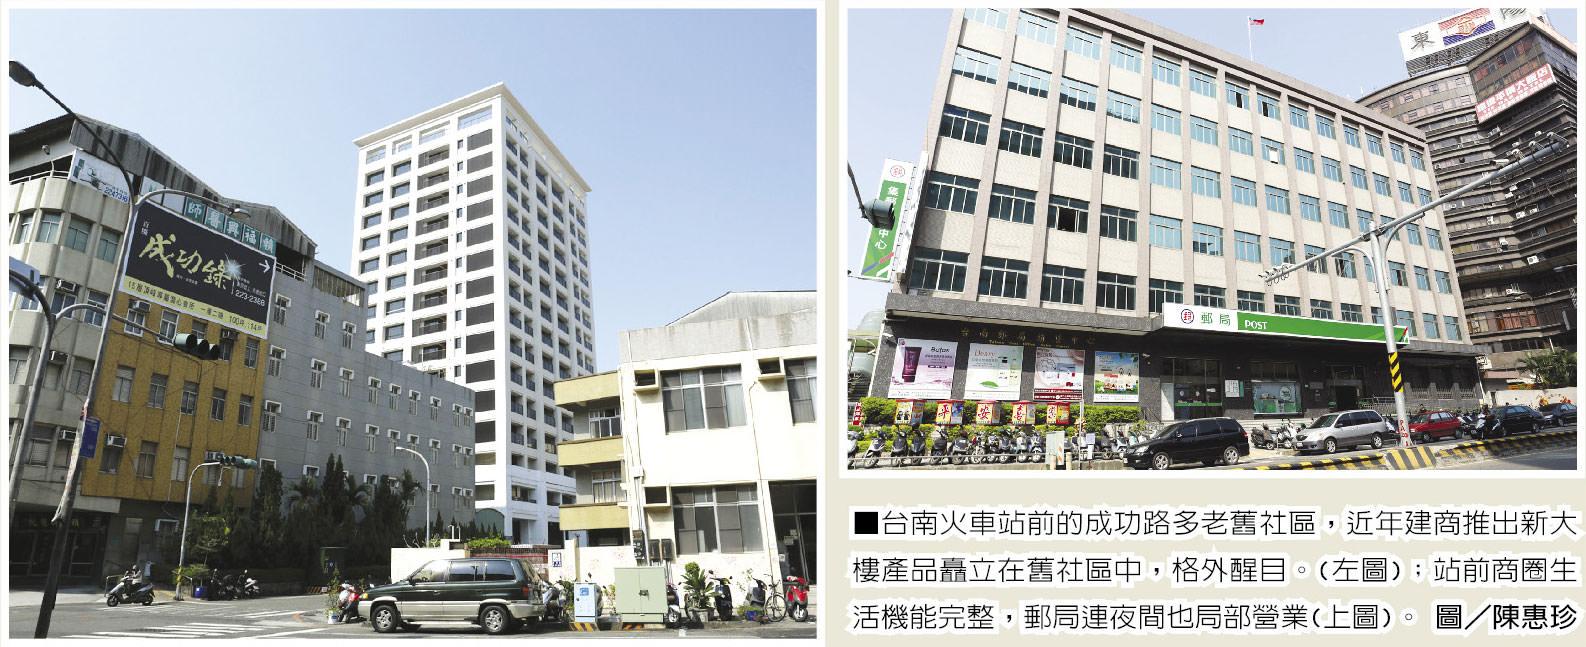 房市亮點-成功路豪宅大樓 買氣旺